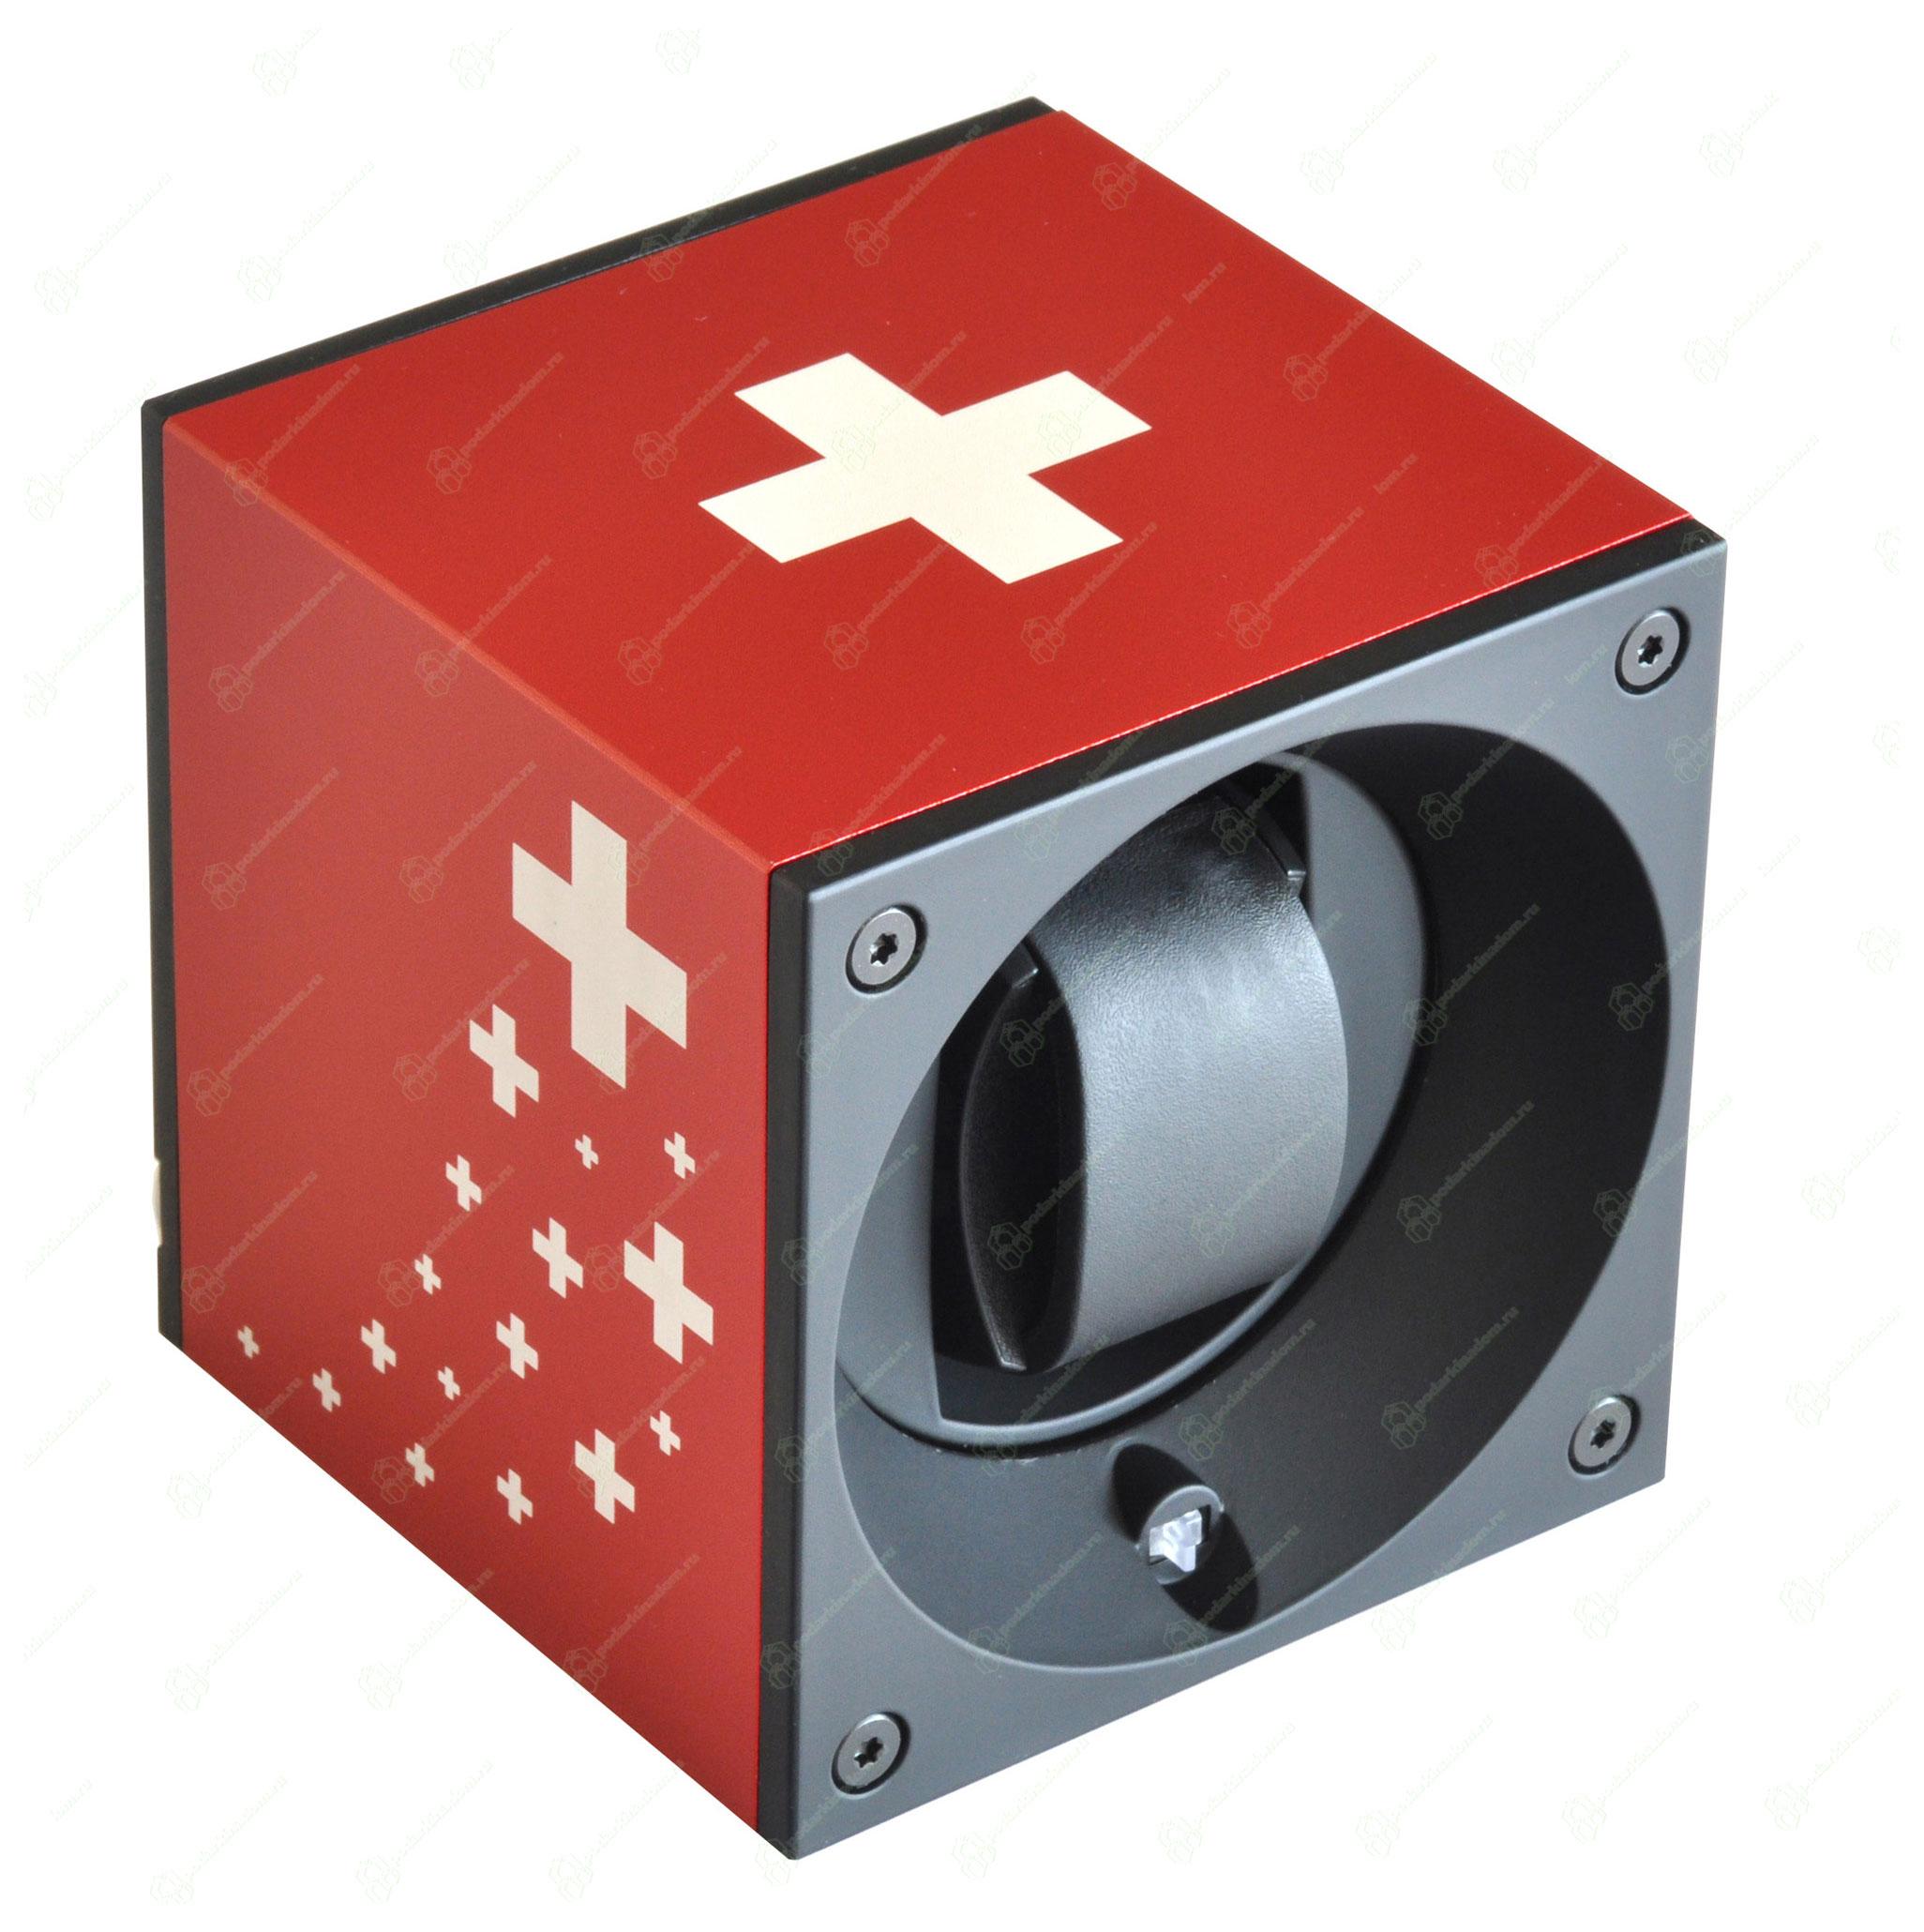 Swiss Kubik SK01.AE.CS Бокс для завода 1 часов. Отделка алюминий. Модуль  из серии MasterBox ART лимитированная серия с возможность настройки через компьютер